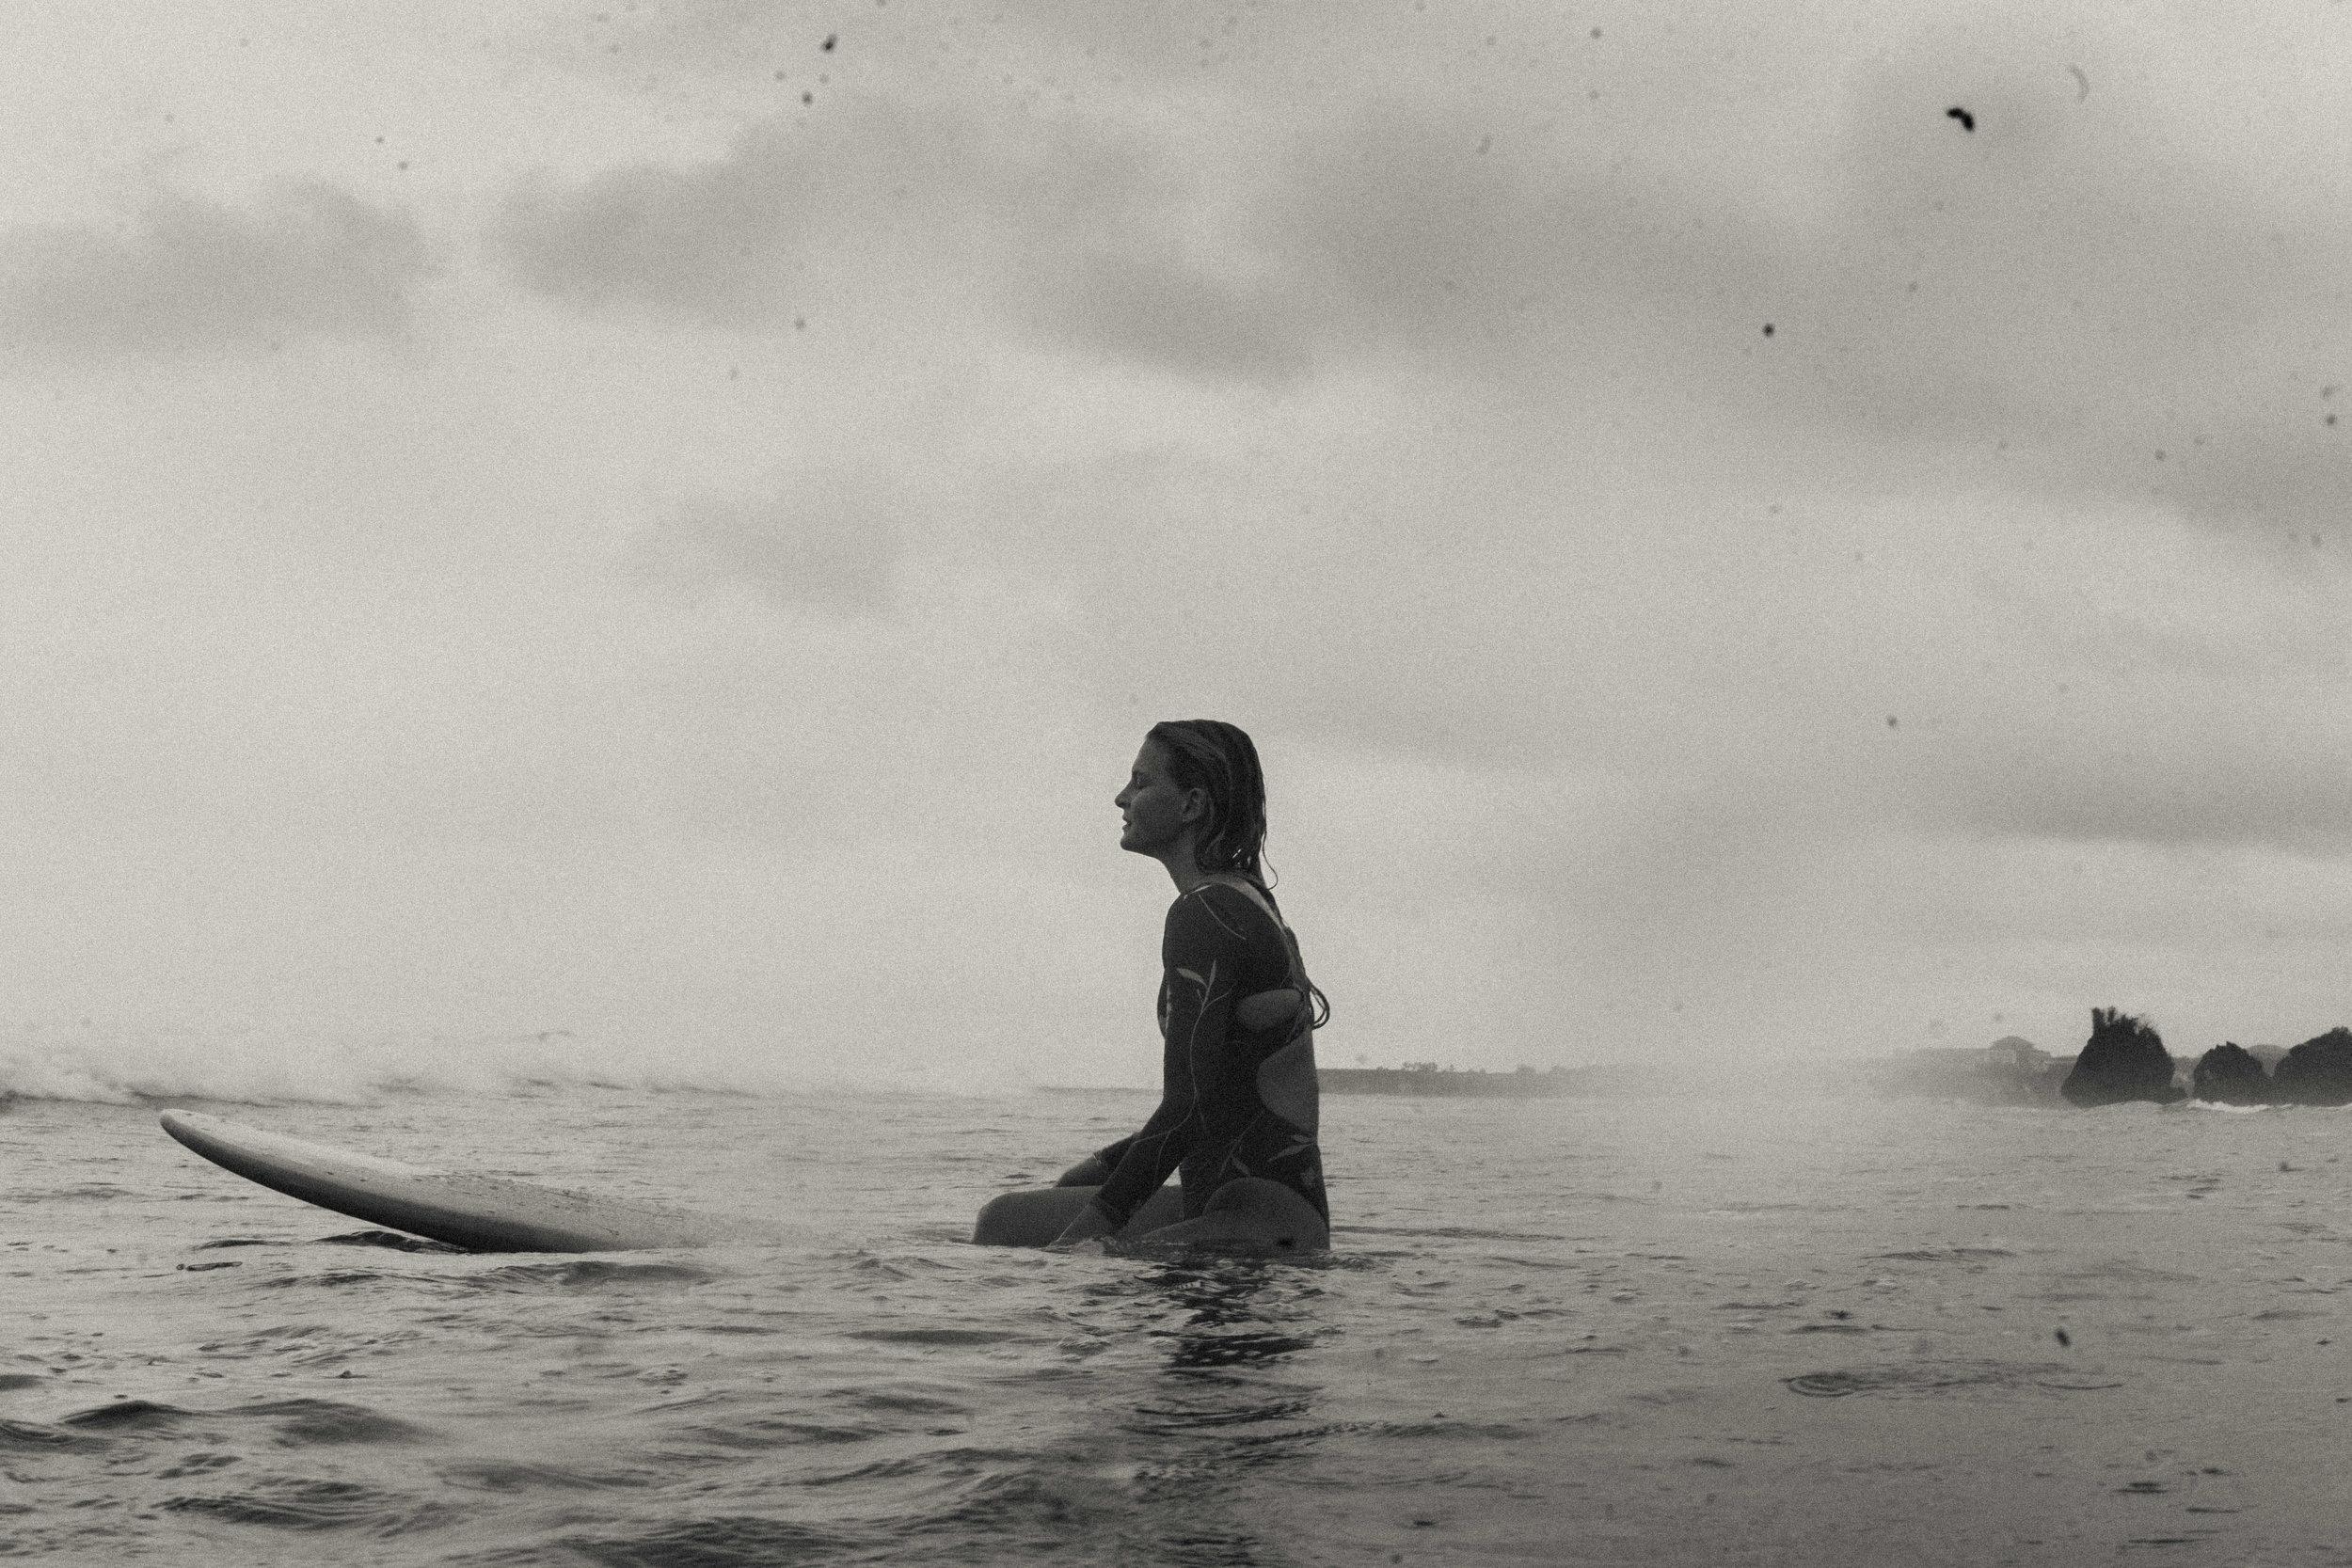 erik_winter_surf_surfing_7.jpg